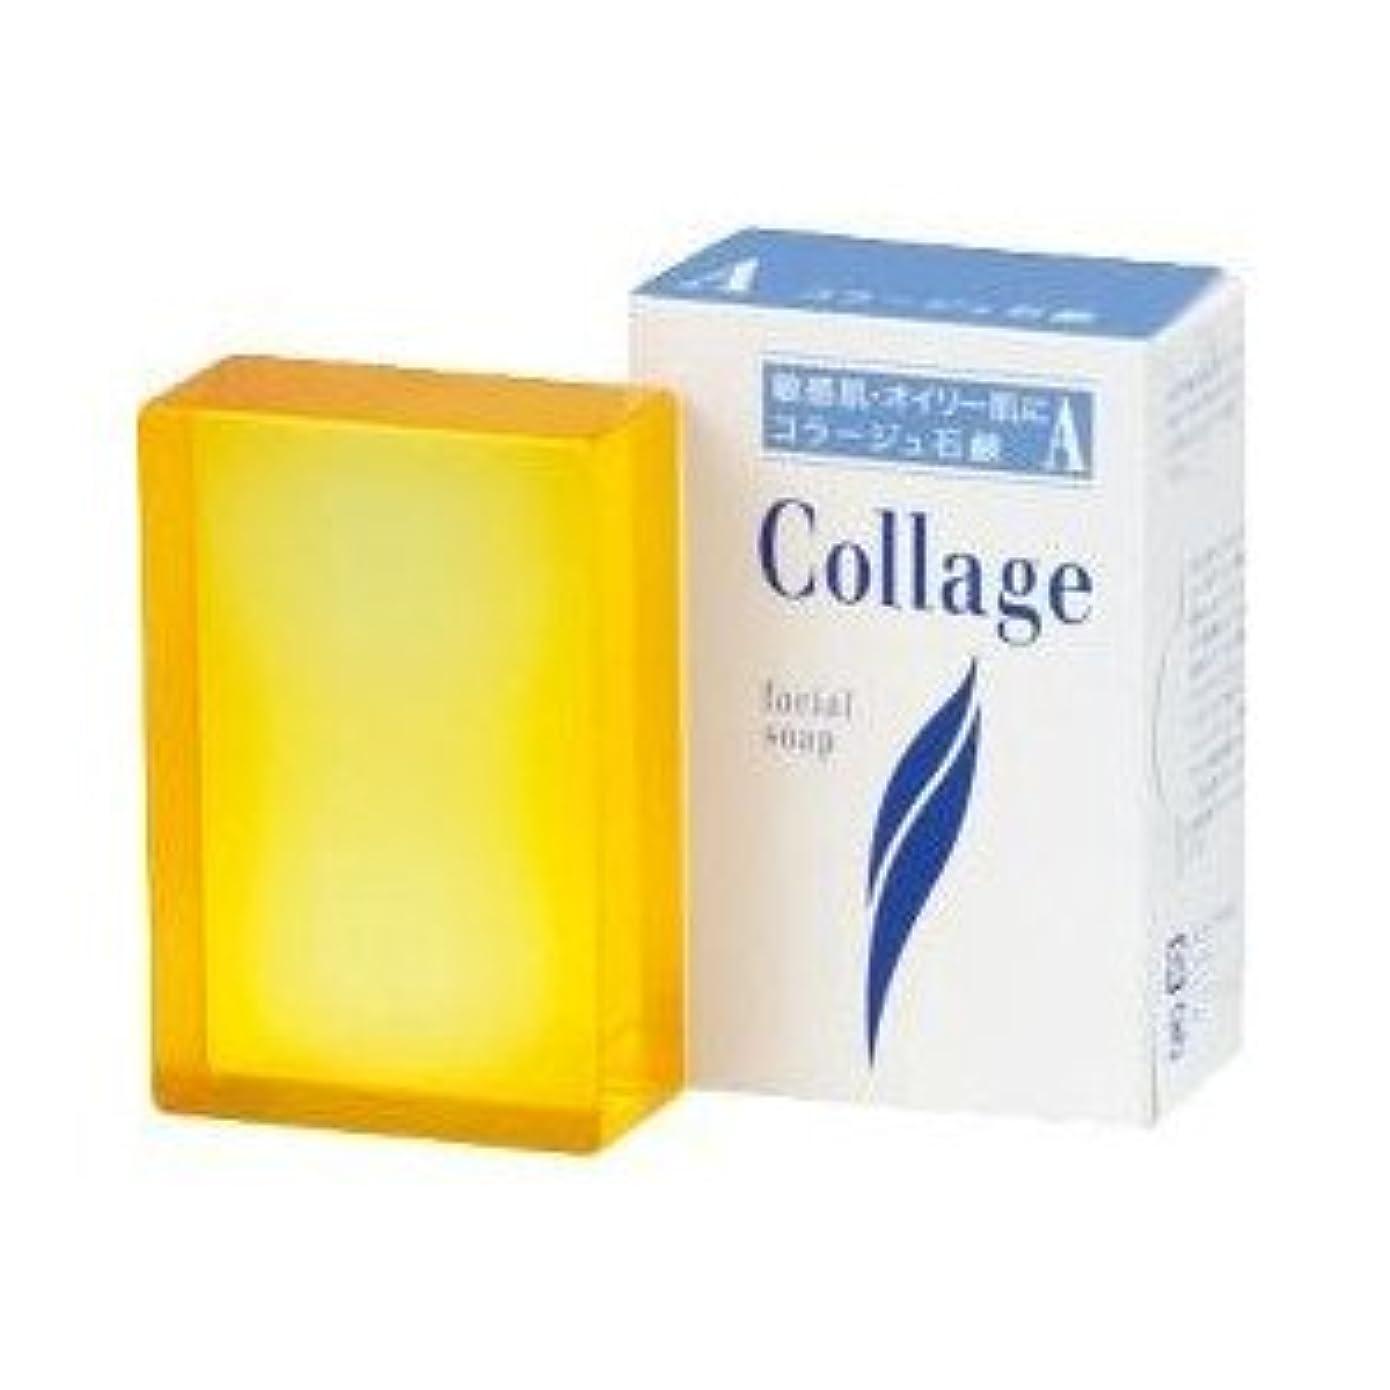 信号顕著堂々たる(持田ヘルスケア)コラージュA脂性肌用石鹸 100g(お買い得3個セット)